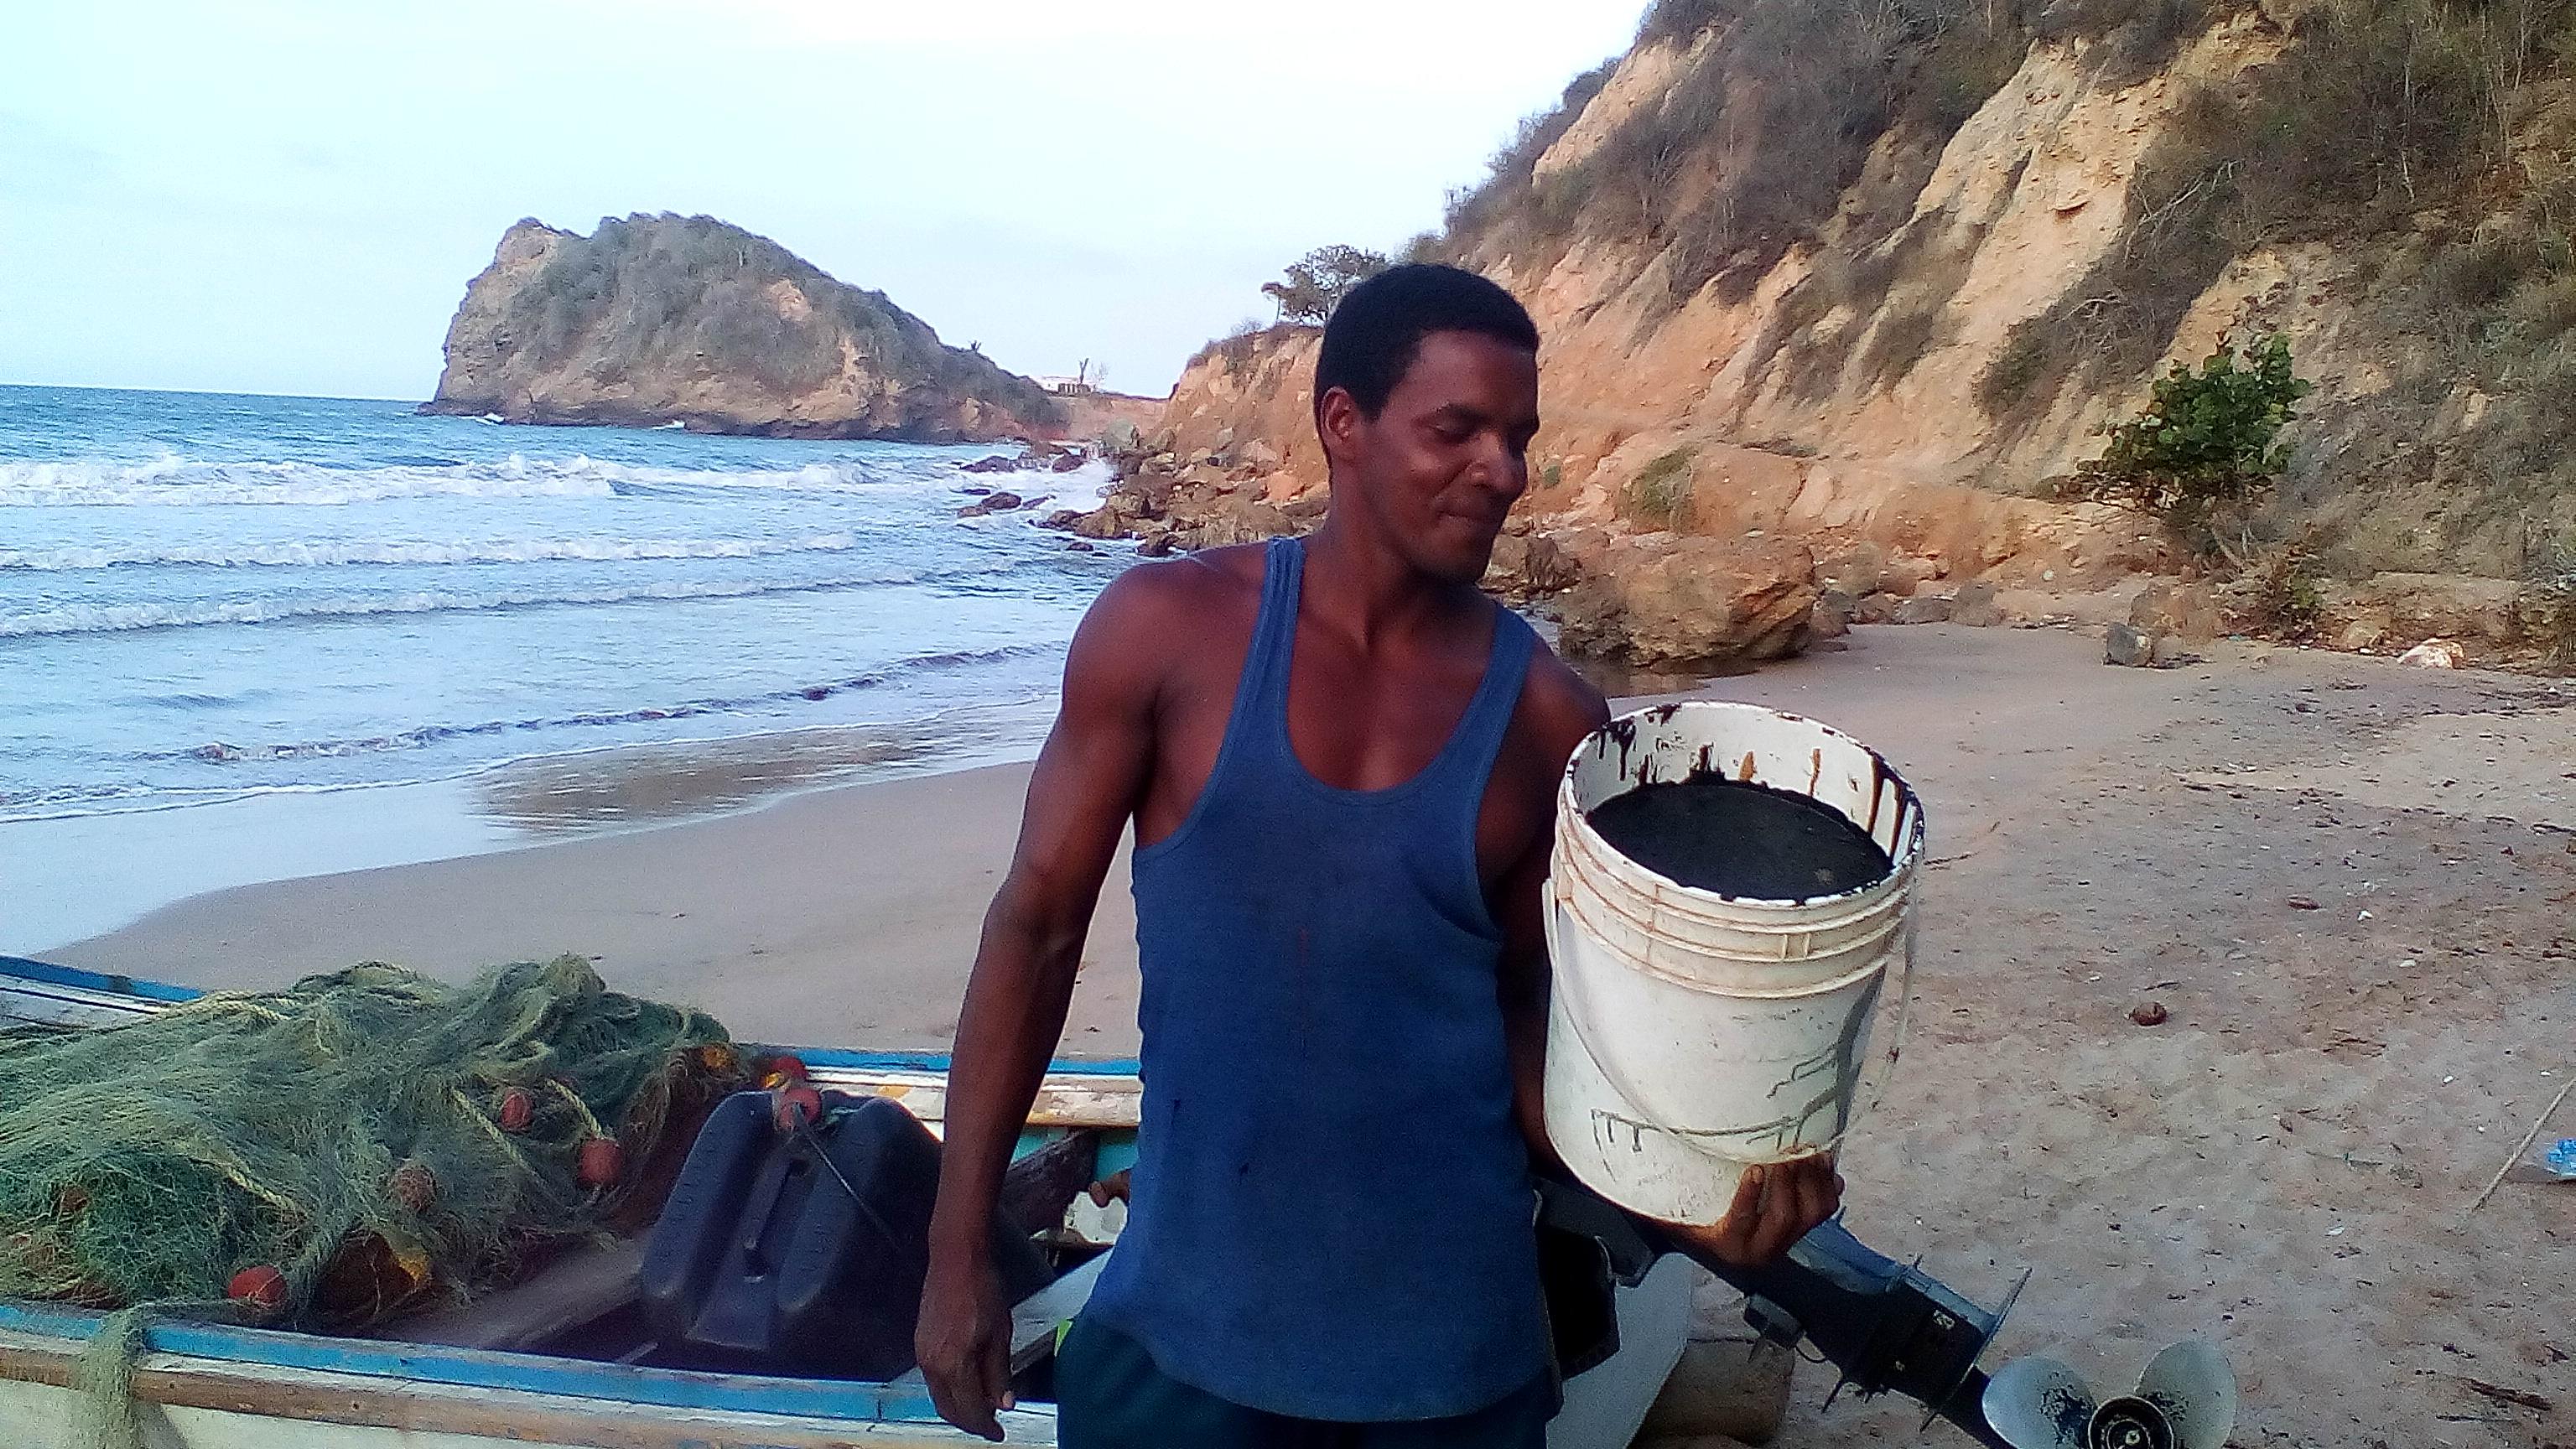 Así recolectan el crudo en Playa Los Cocos, para reparar botes y grietas en las viviendas. Foto: Aruska Hernández.